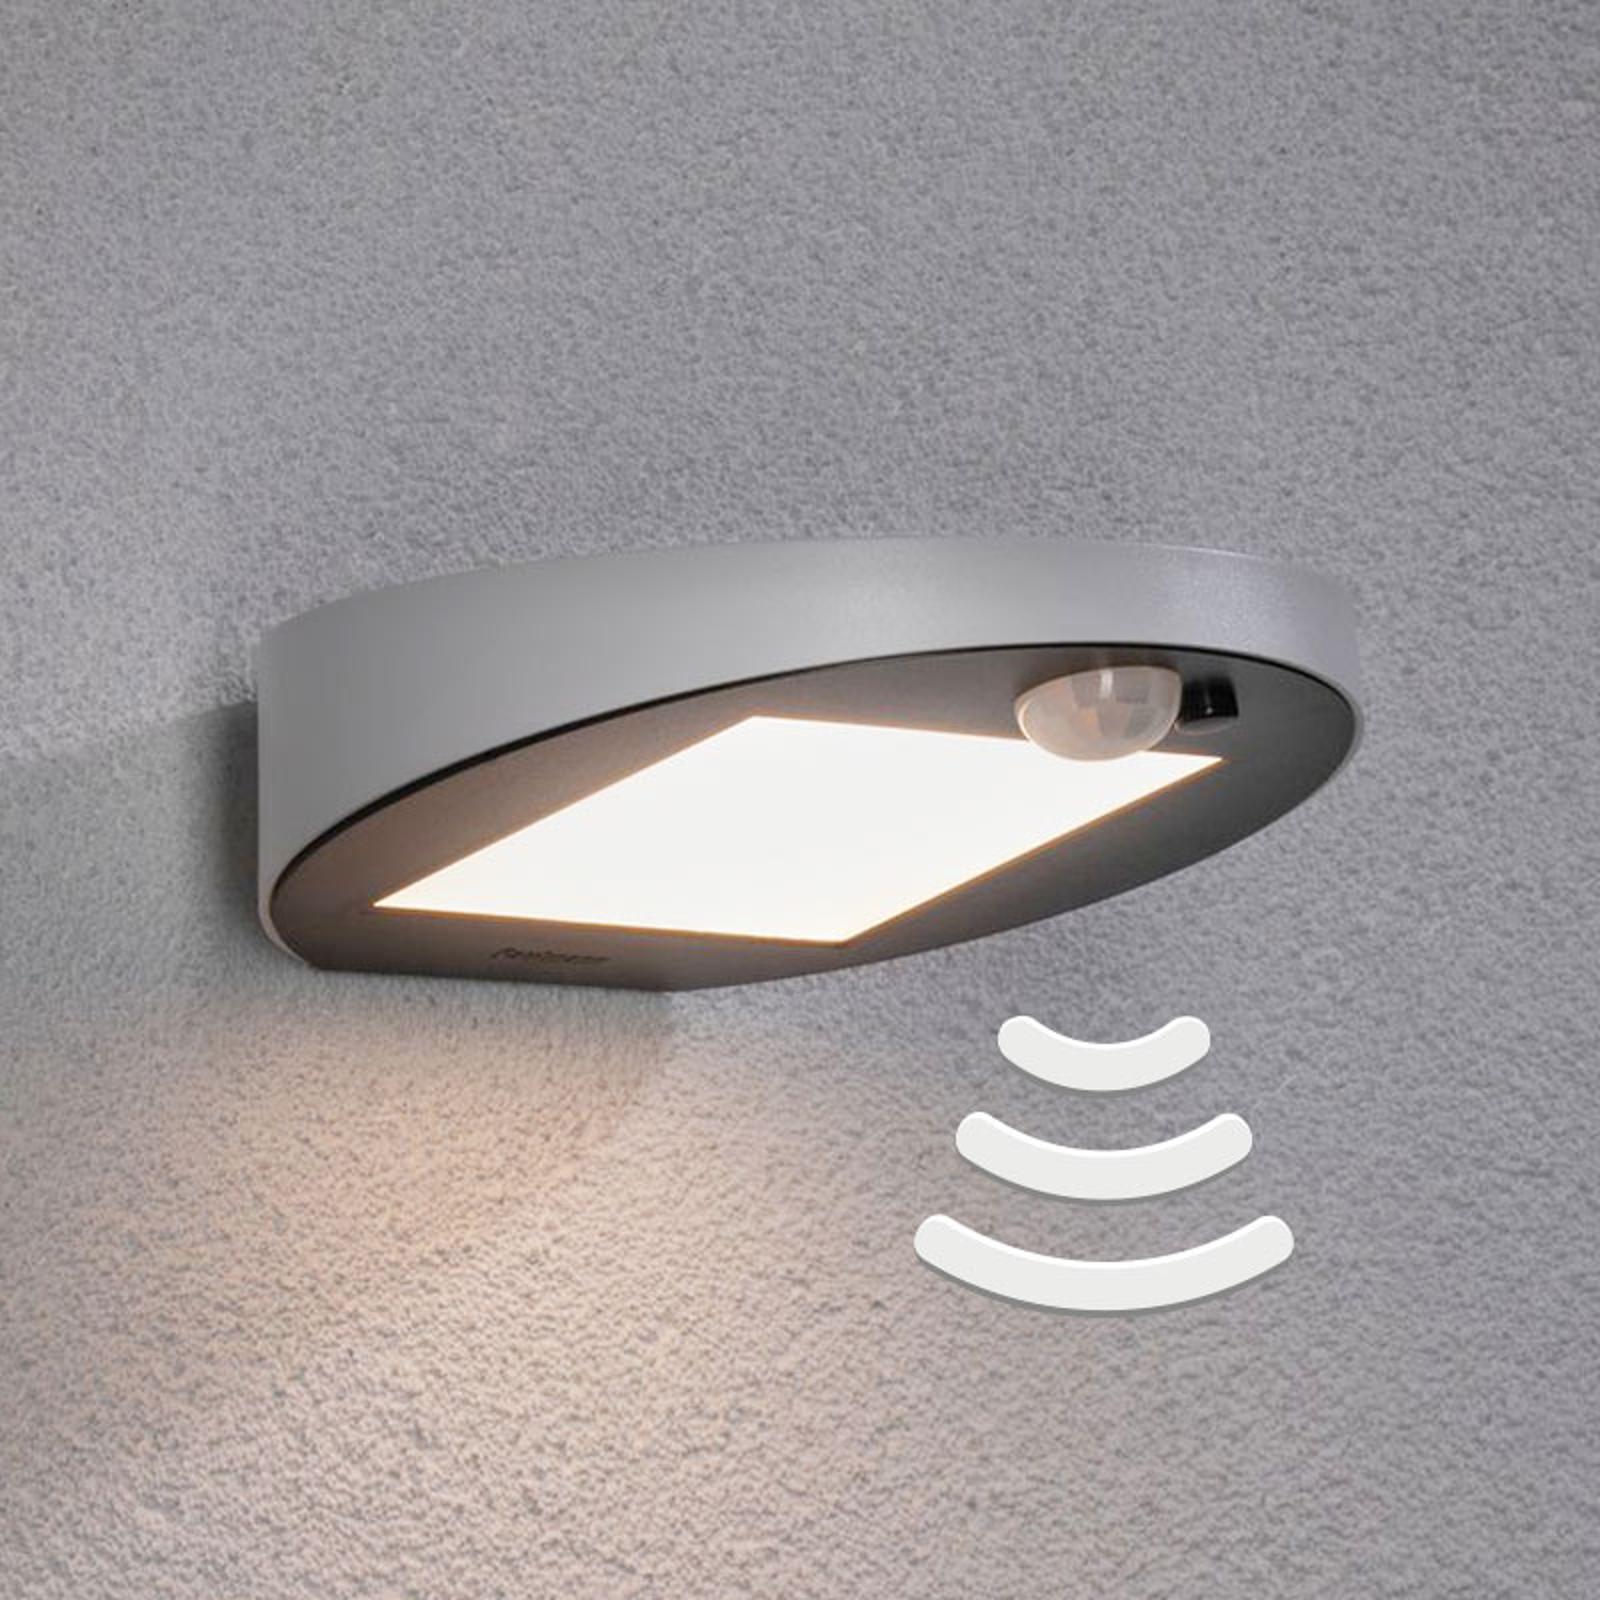 Paulmann Ryse hvit utendørs LED-sol-vegglampe